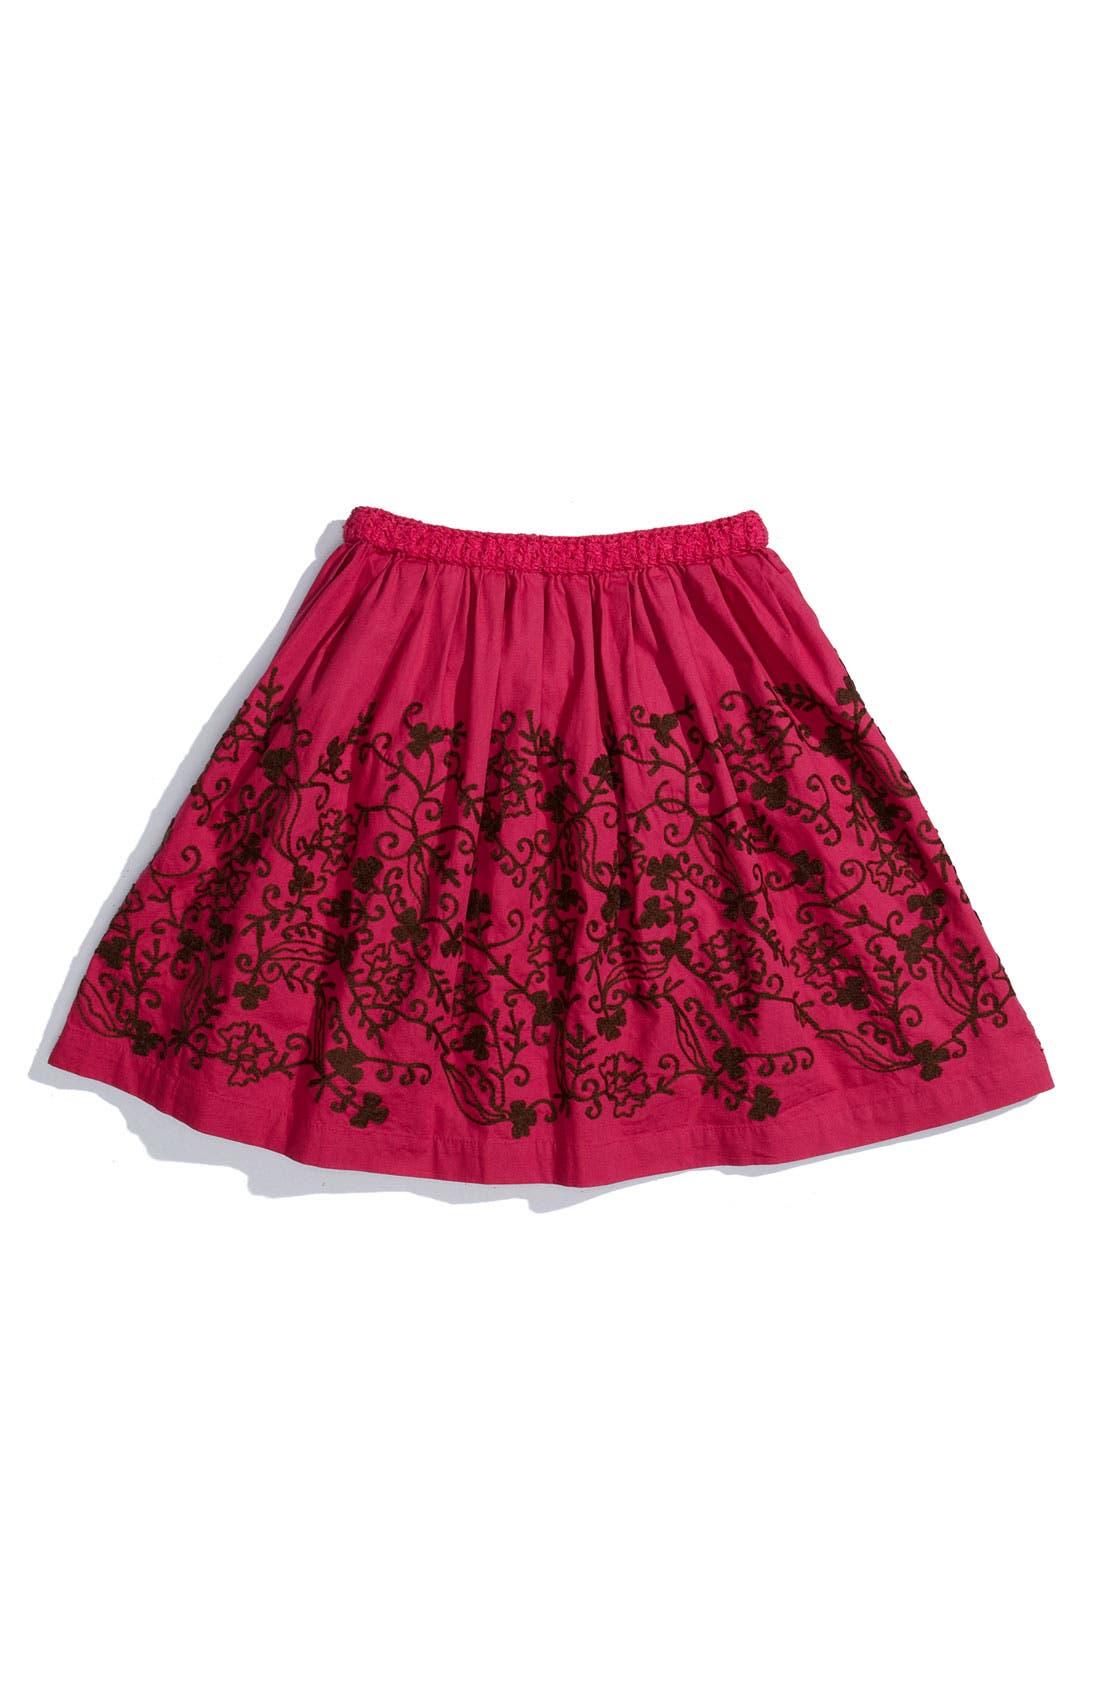 Alternate Image 1 Selected - Peek 'Frida' Skirt (Toddler, Little Girls & Big Girls)